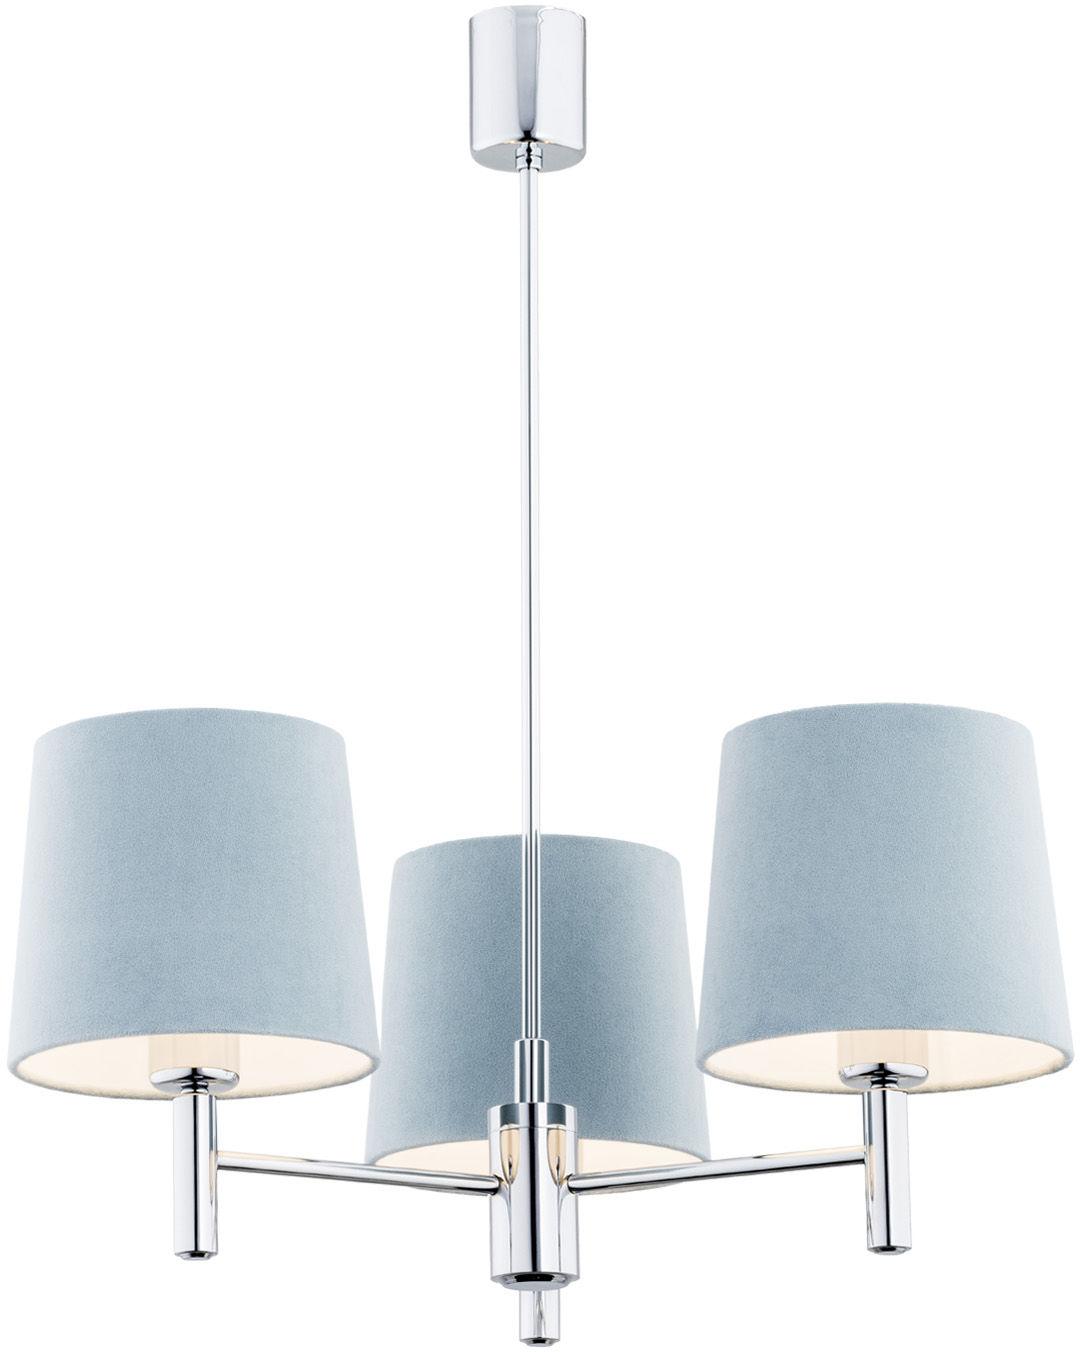 Żyrandol lampa BOLZANO błękitny 1383 - ArgonX  SPRAWDŹ RABATY  5-10-15-20 % w koszyku